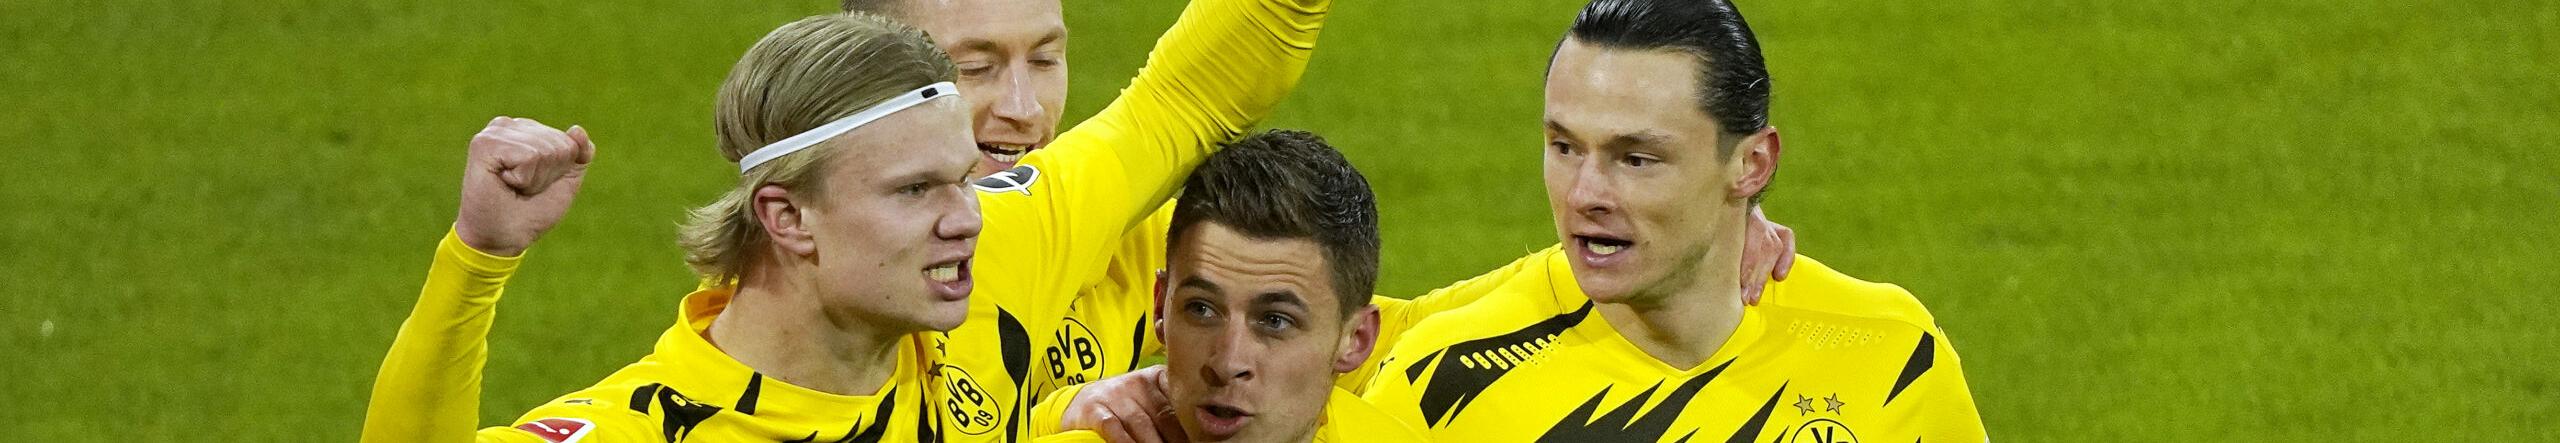 Borussia Dortmund-Siviglia, Haaland vuole lasciare il segno anche in Europa